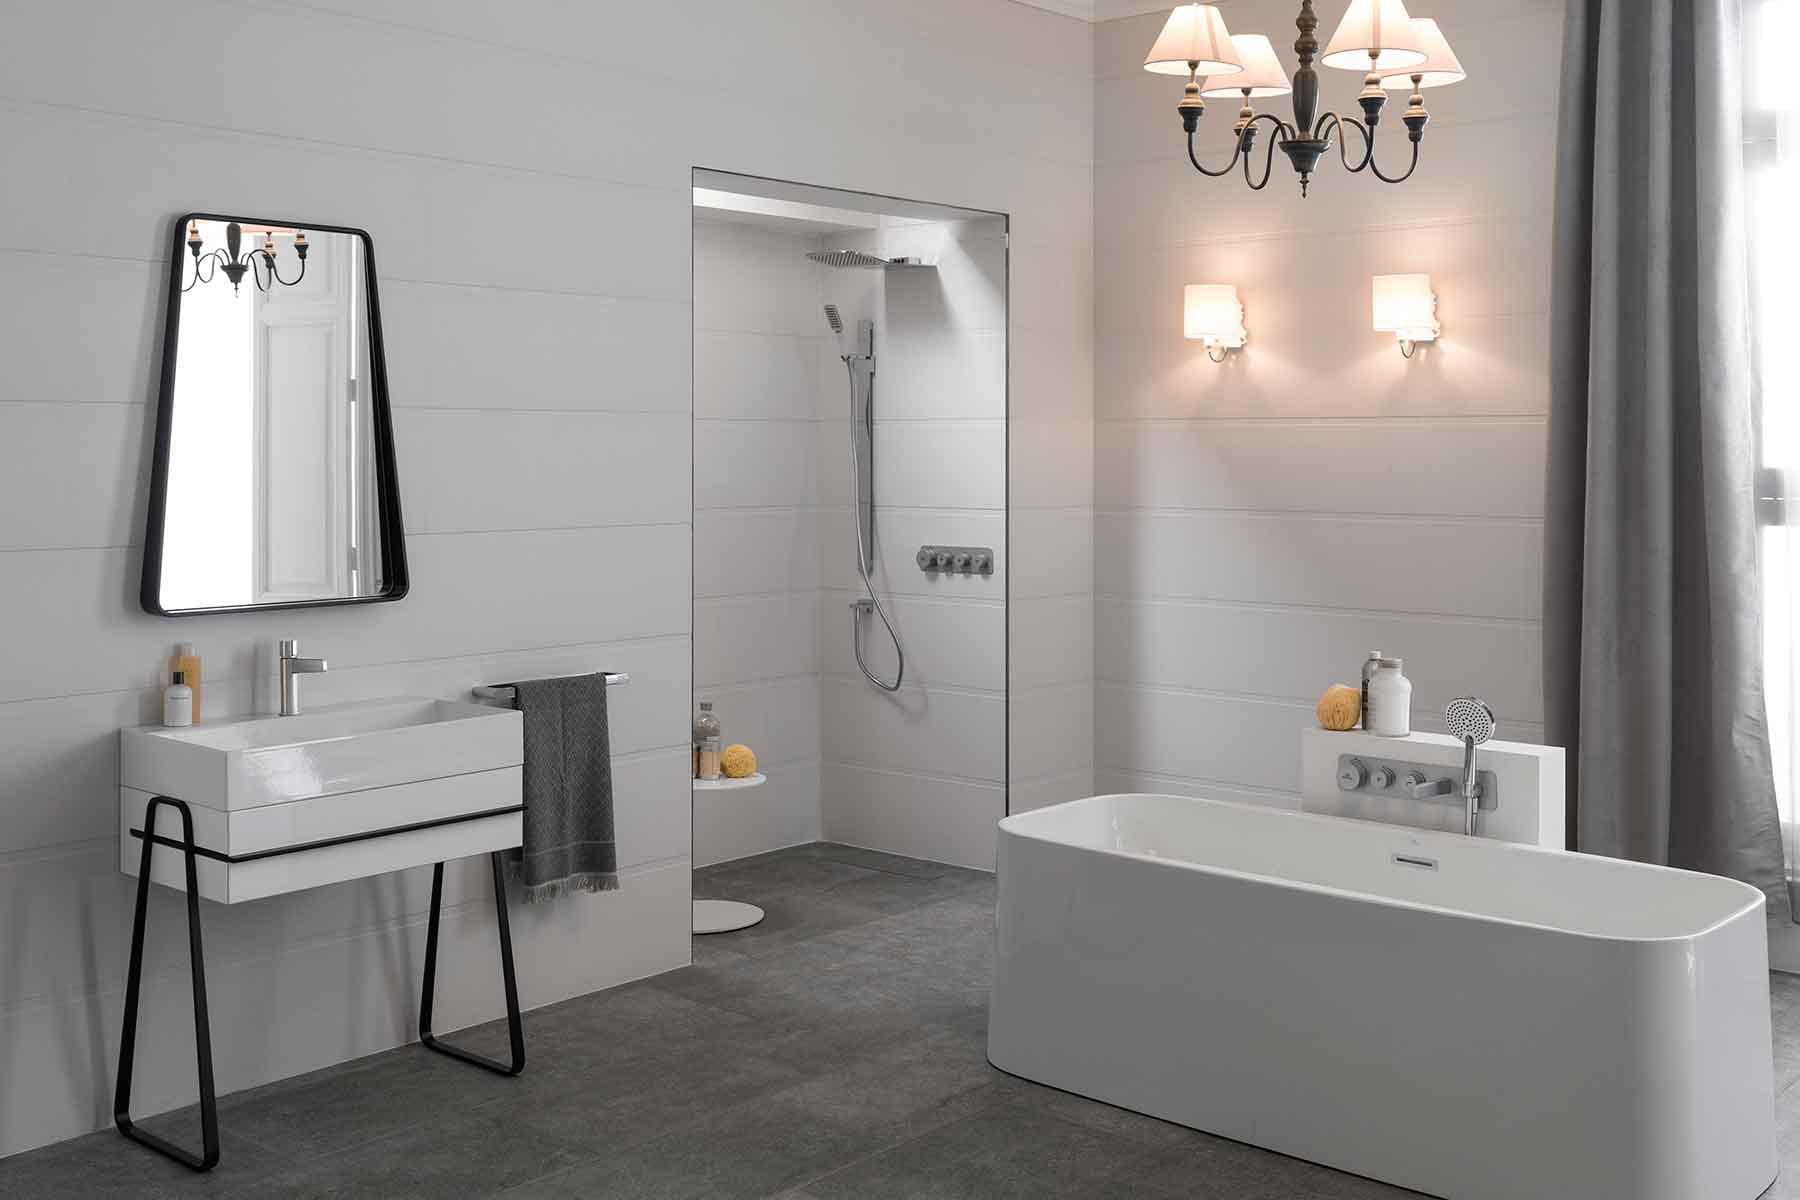 Une douche l 39 italienne encastr e dans le mur for Modele de salle de bain avec douche a l italienne